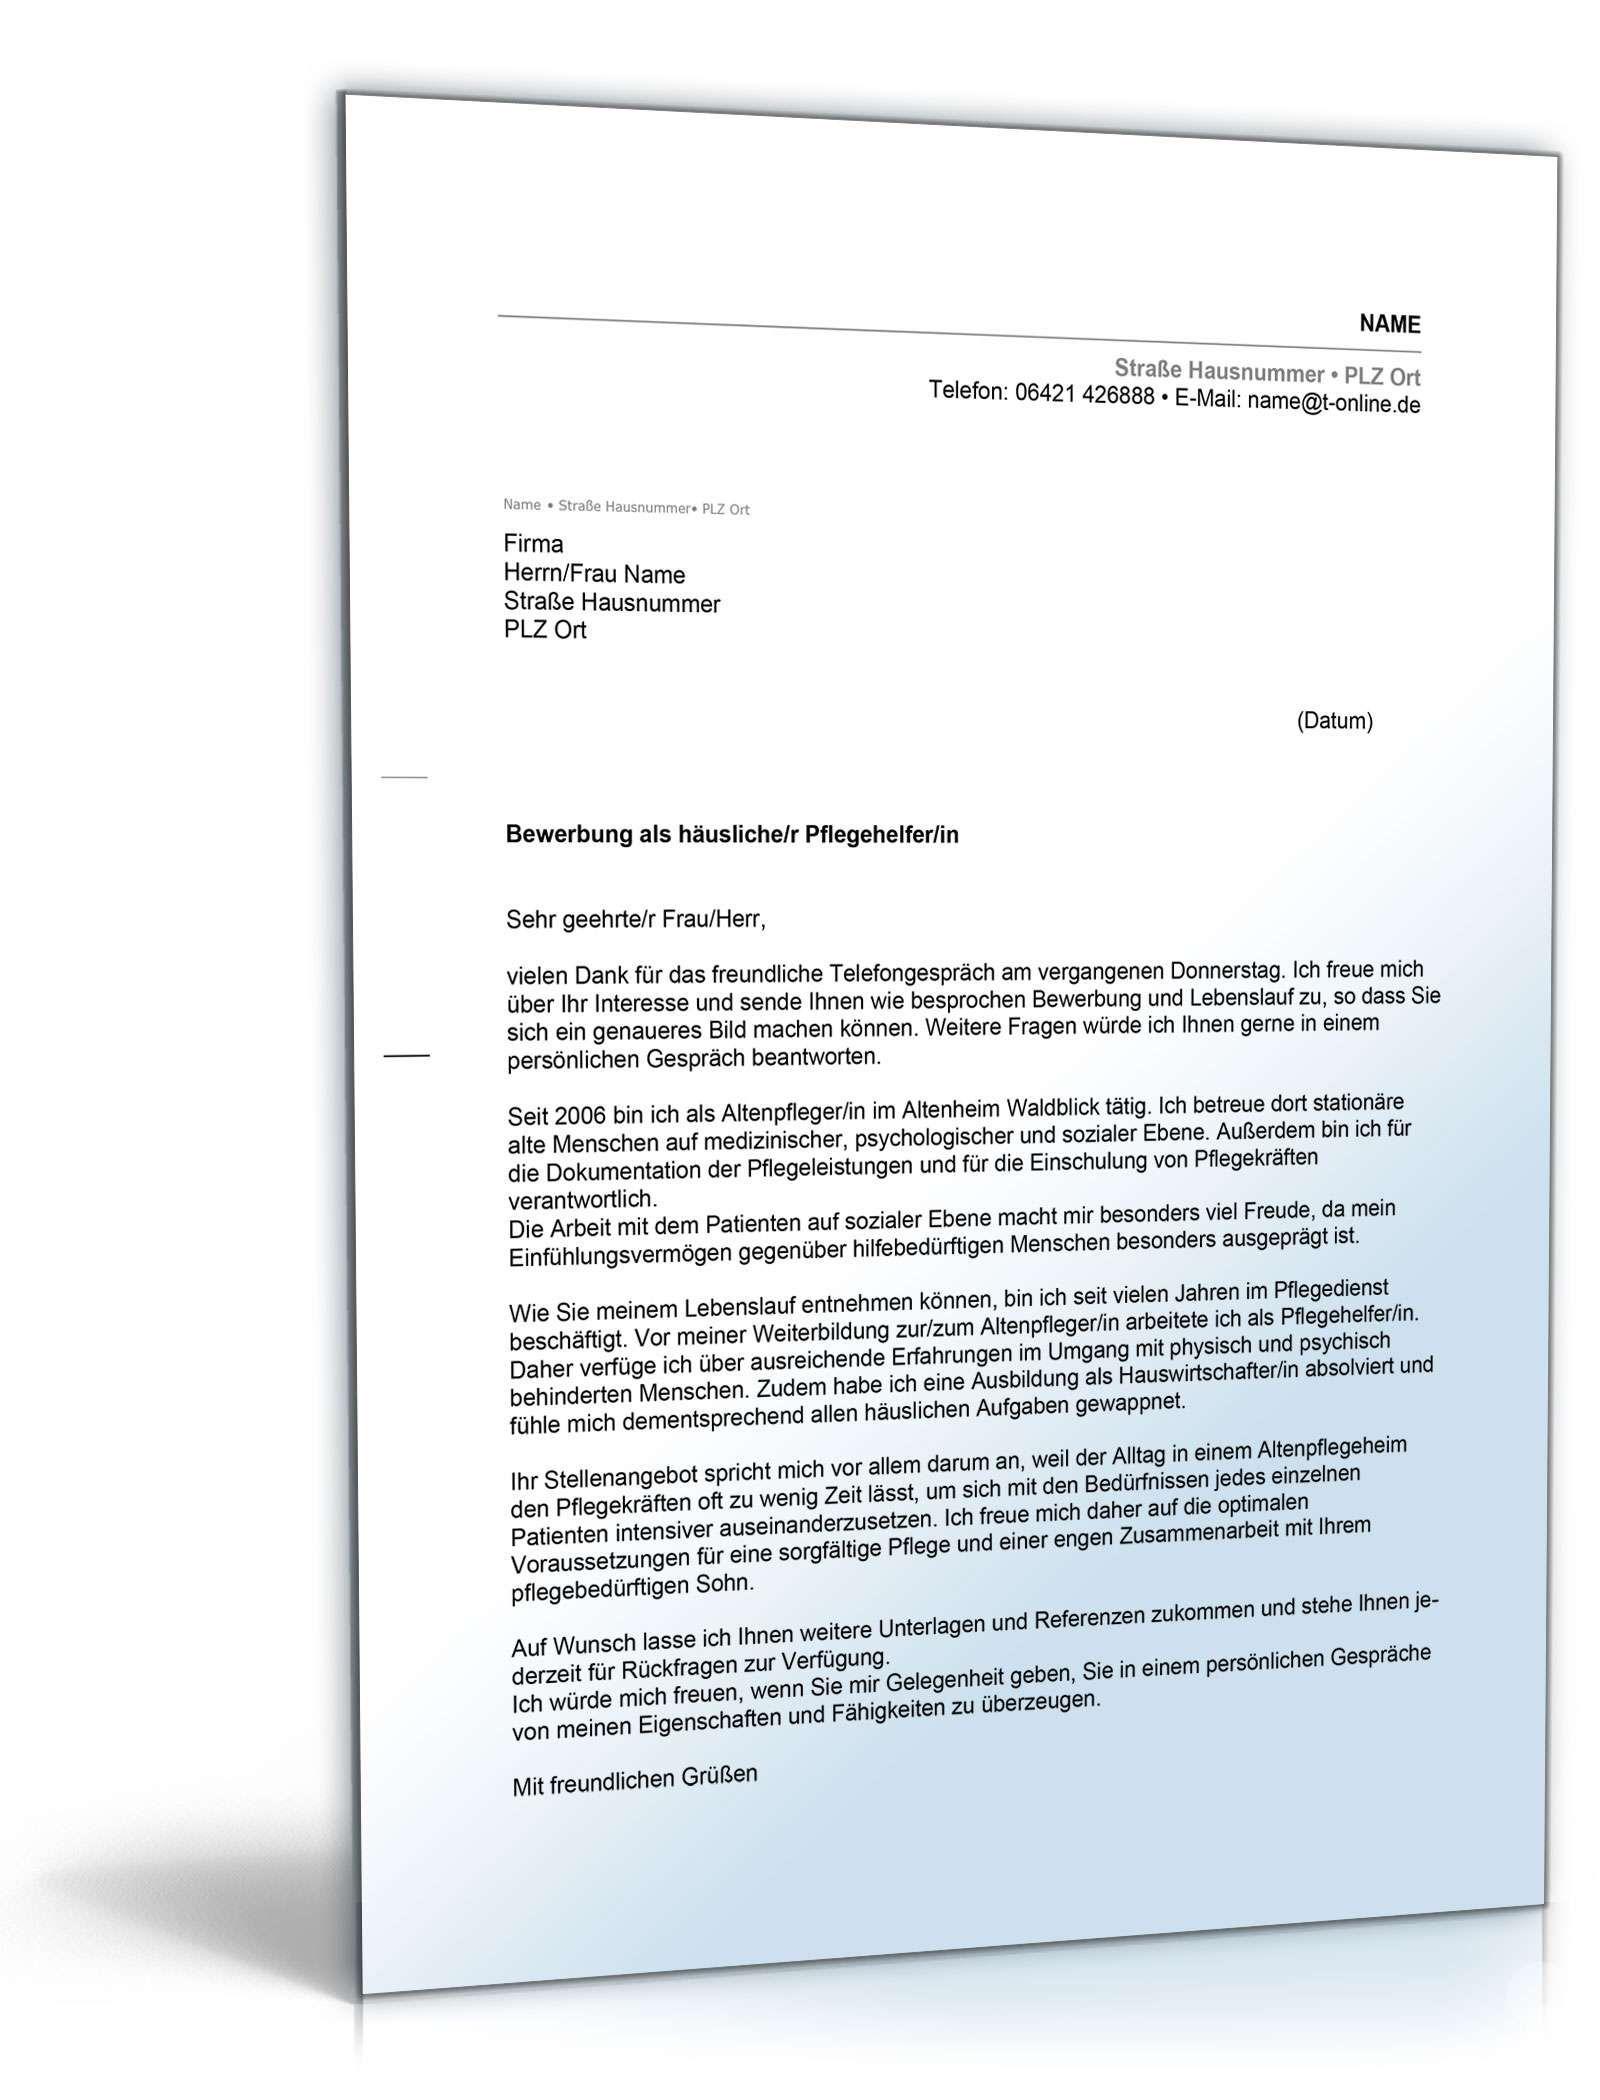 Anschreiben Bewerbung Pflegehelfer Muster Zum Download Bewerbung Anschreiben Muster Pflegehelfer Pflegehelf In 2020 Document Templates Templates Types Of Resumes